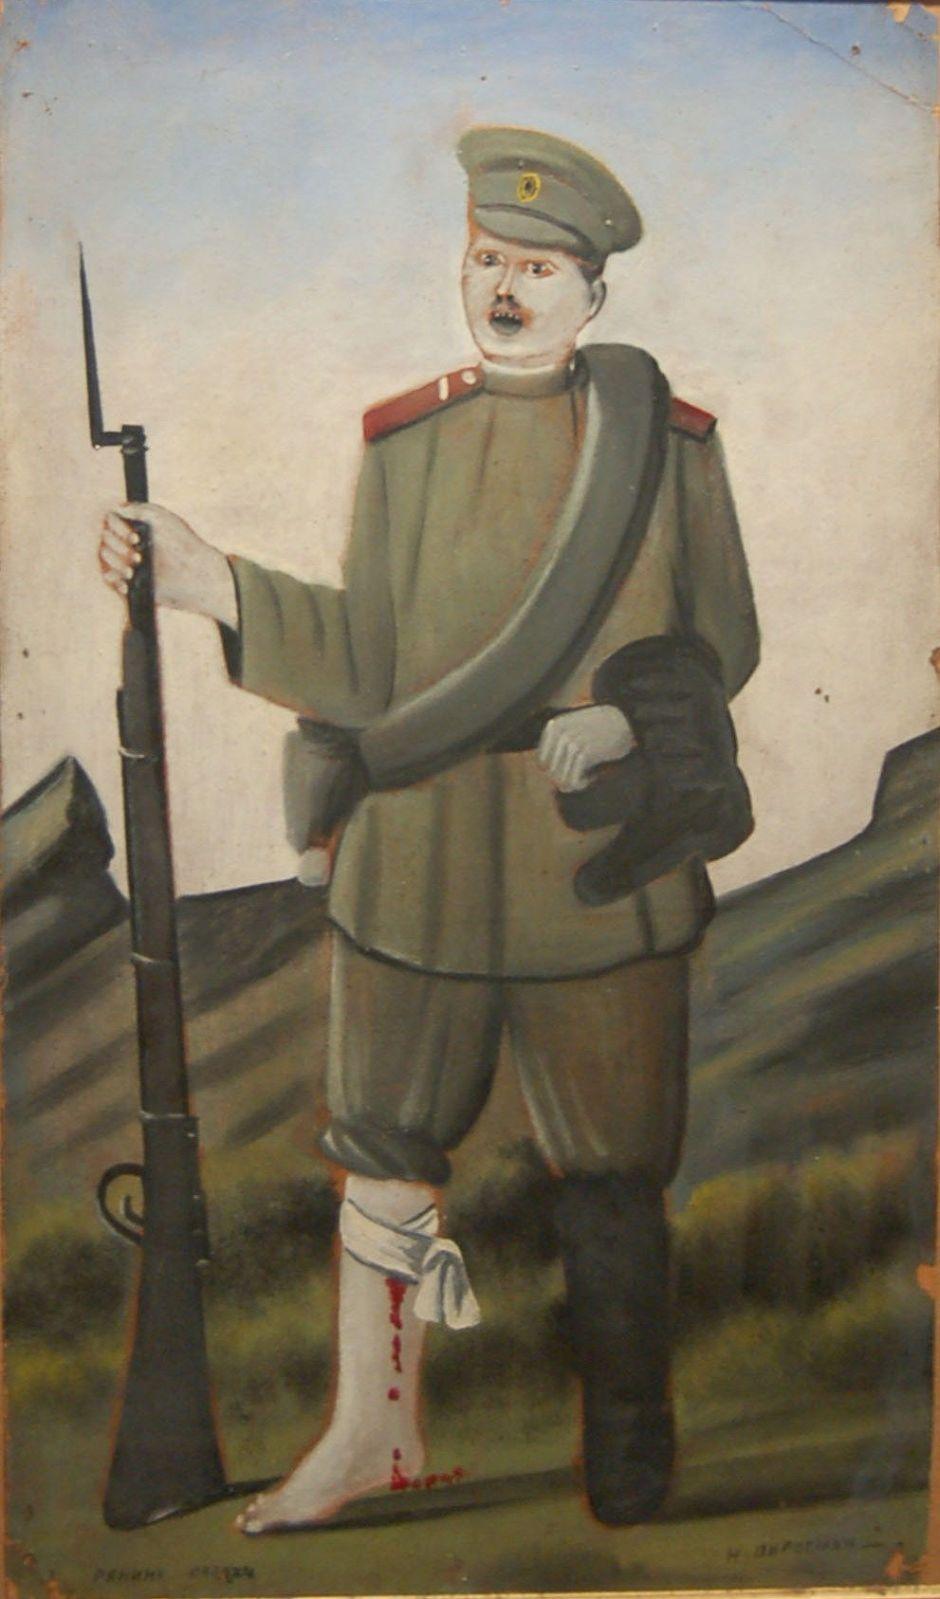 pirosmaniwoundedsoldier